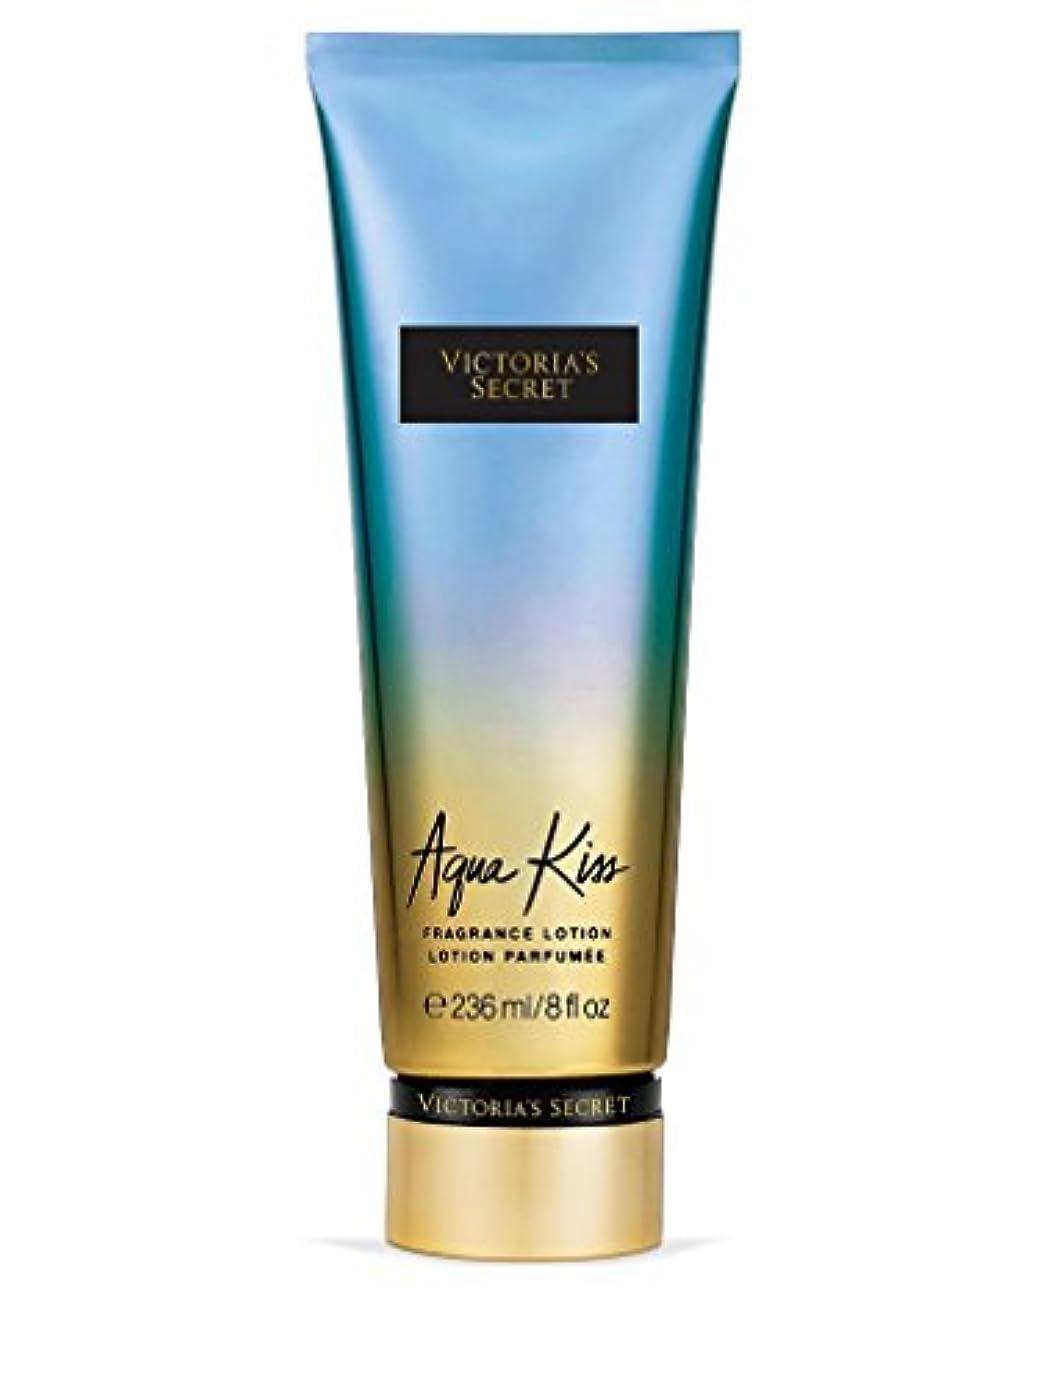 非行弱い職人VICTORIA'S SECRET ヴィクトリアシークレット/ビクトリアシークレット アクアキス フレグランスローション ( 96F-Aqua Kiss ) Aqua Kiss Fragrance Lotion